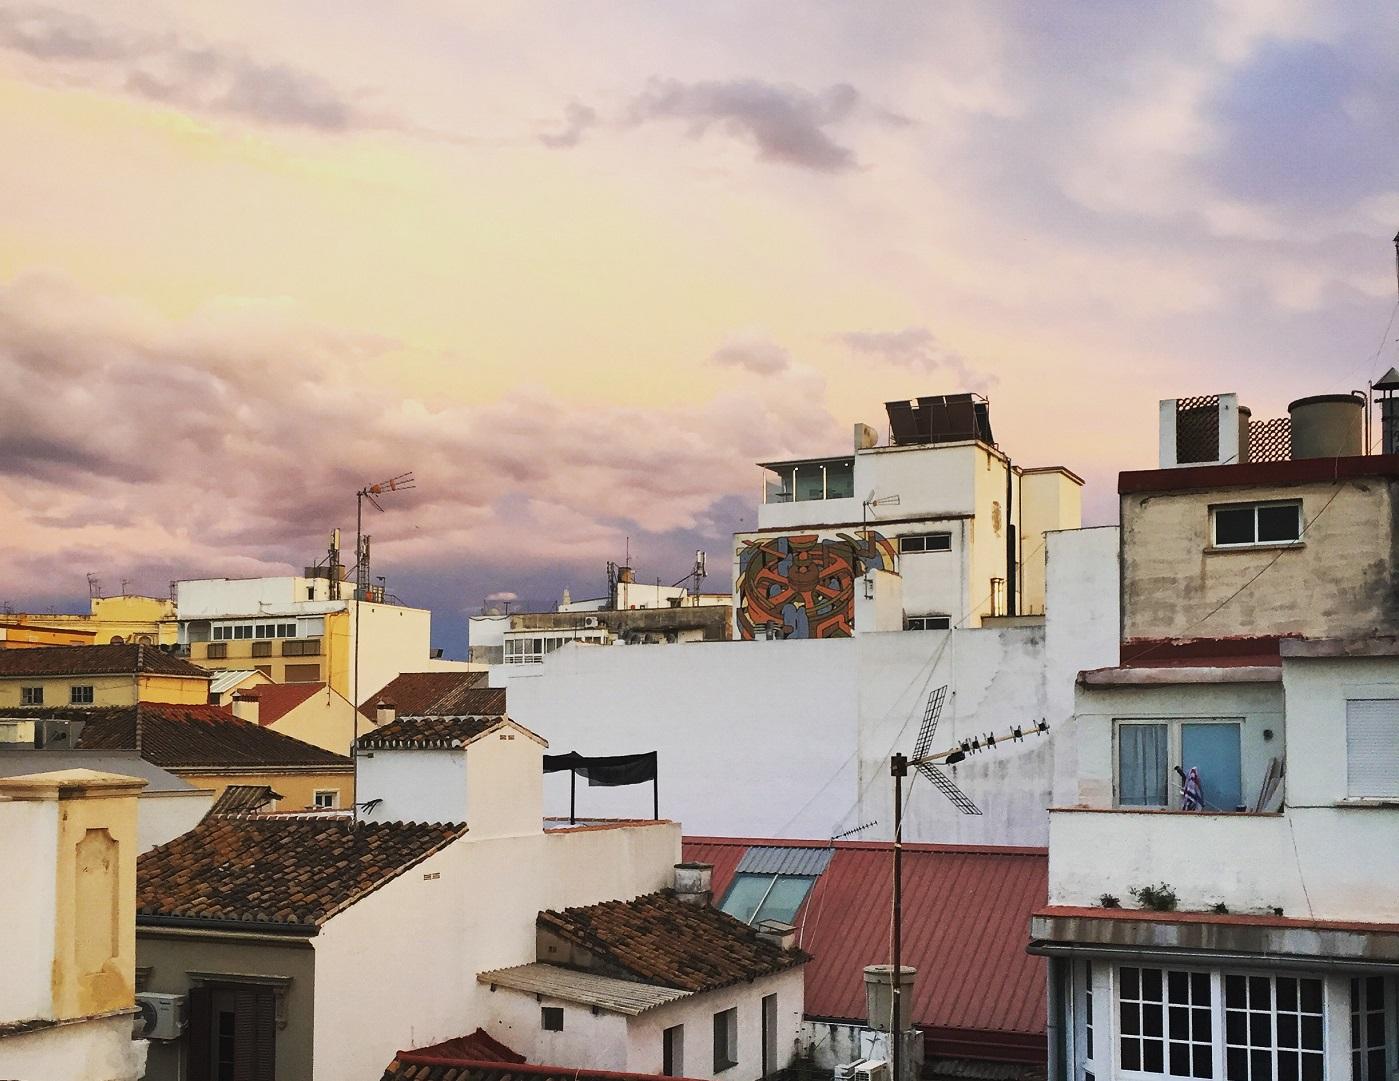 Feel Hostels Soho Malaga - Where to Stay in Malaga